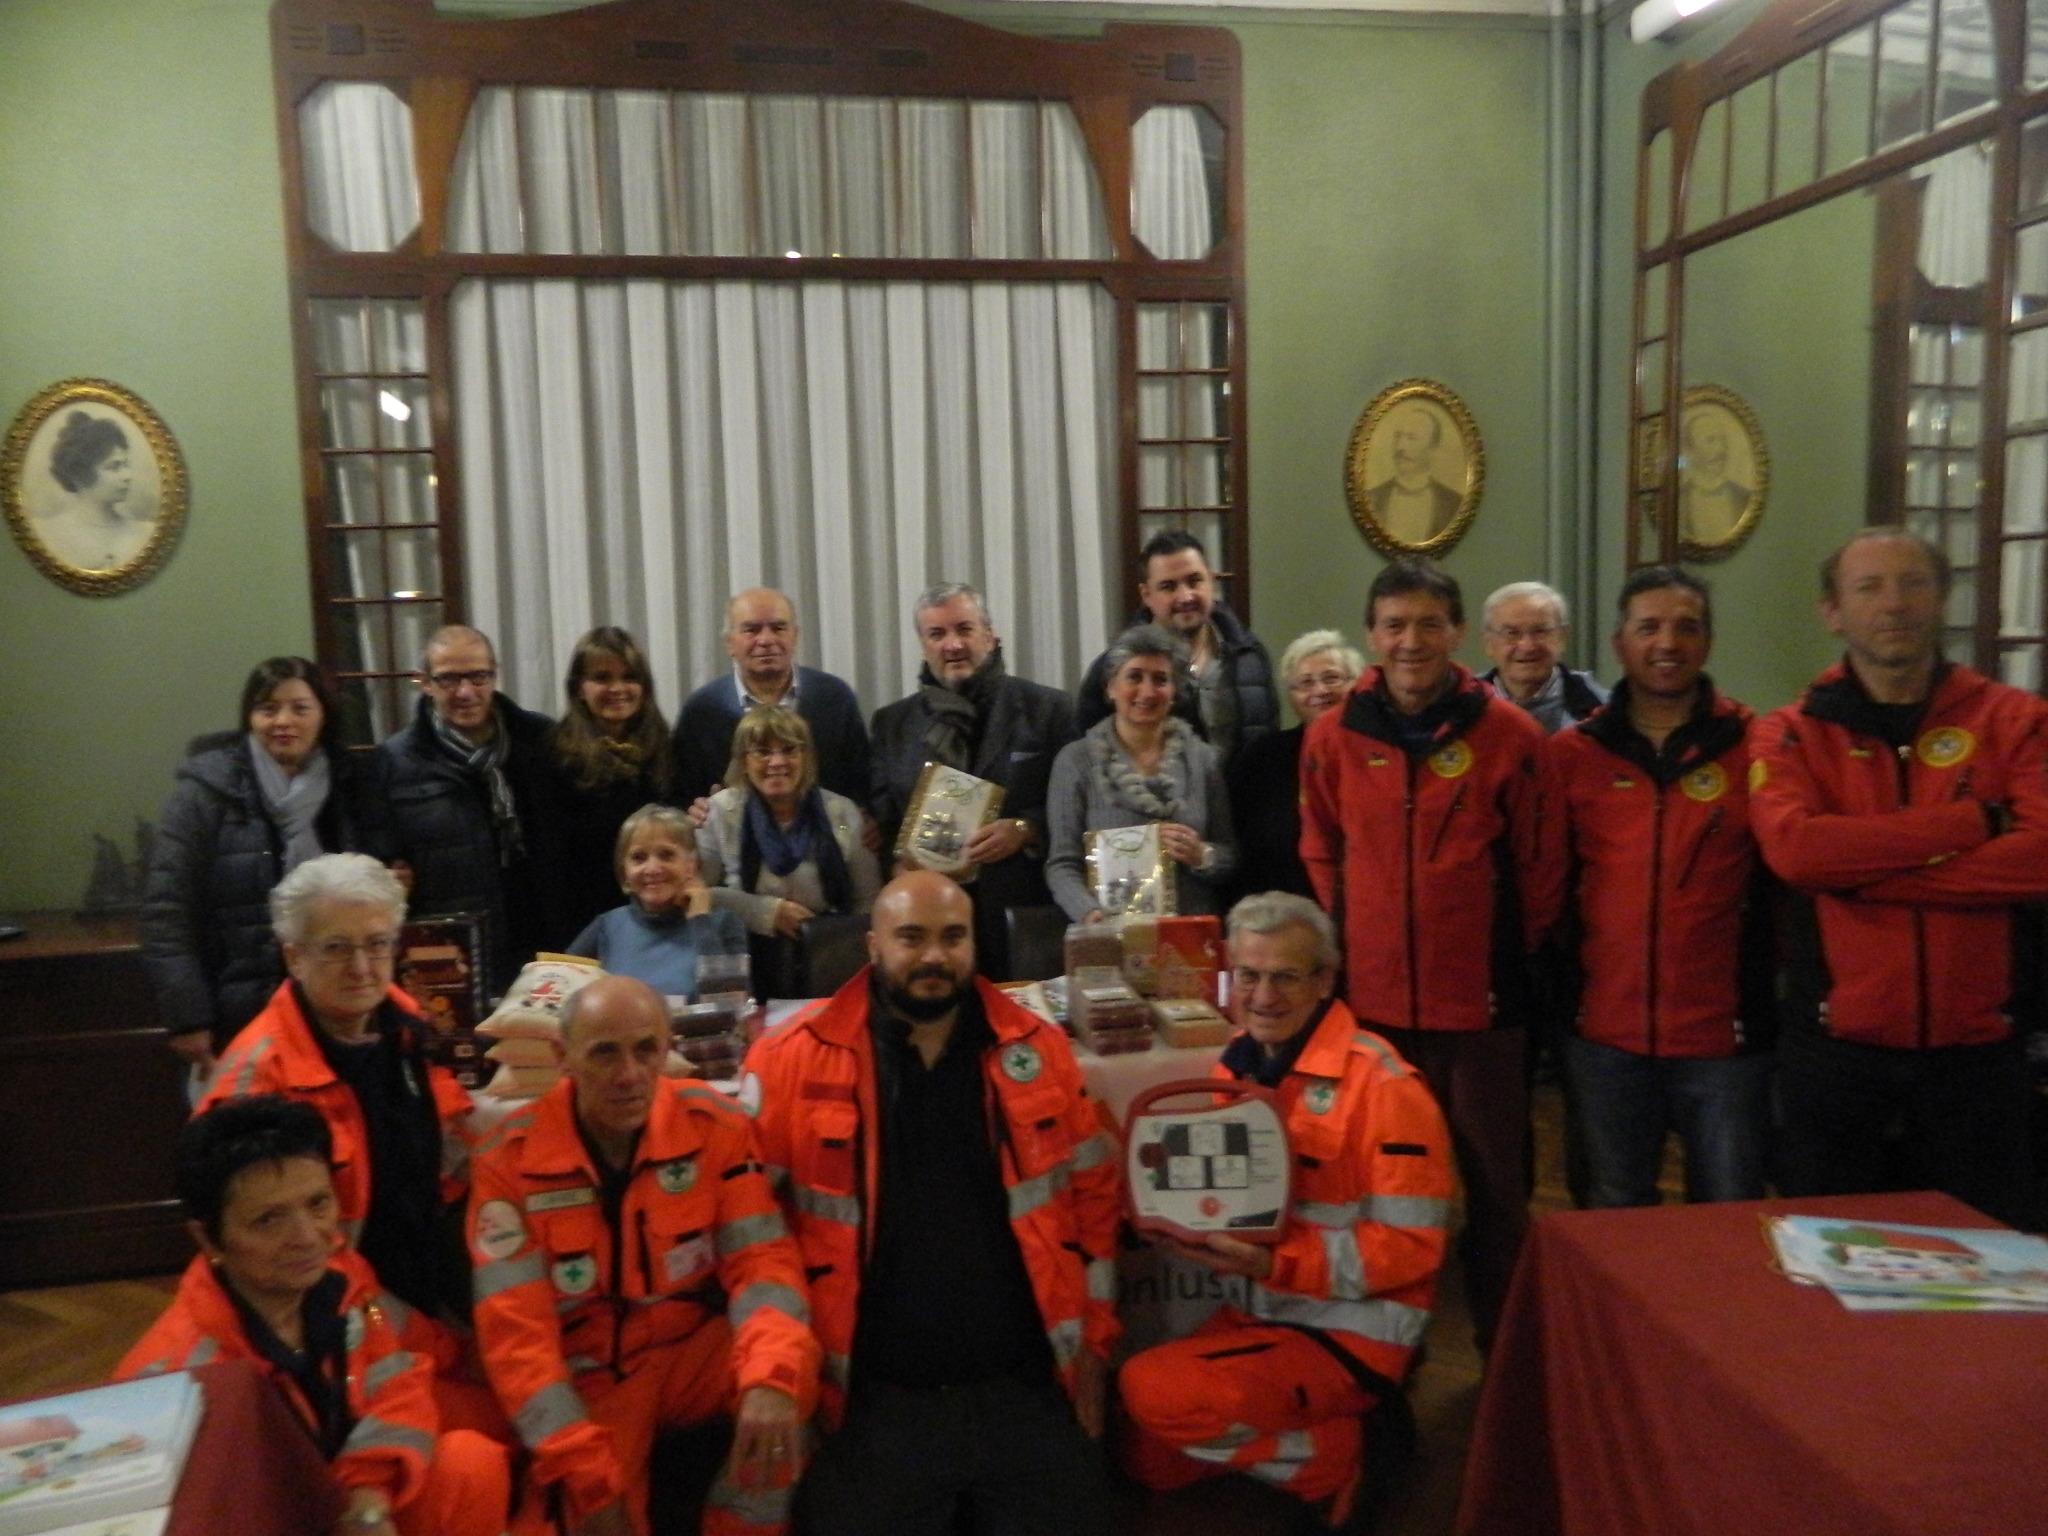 Consegna-defibrillatore-a-Croce-Verde-Cumiana-presente-CRI-e-Soccorso-alpino-da-parte-Progetto-Vals